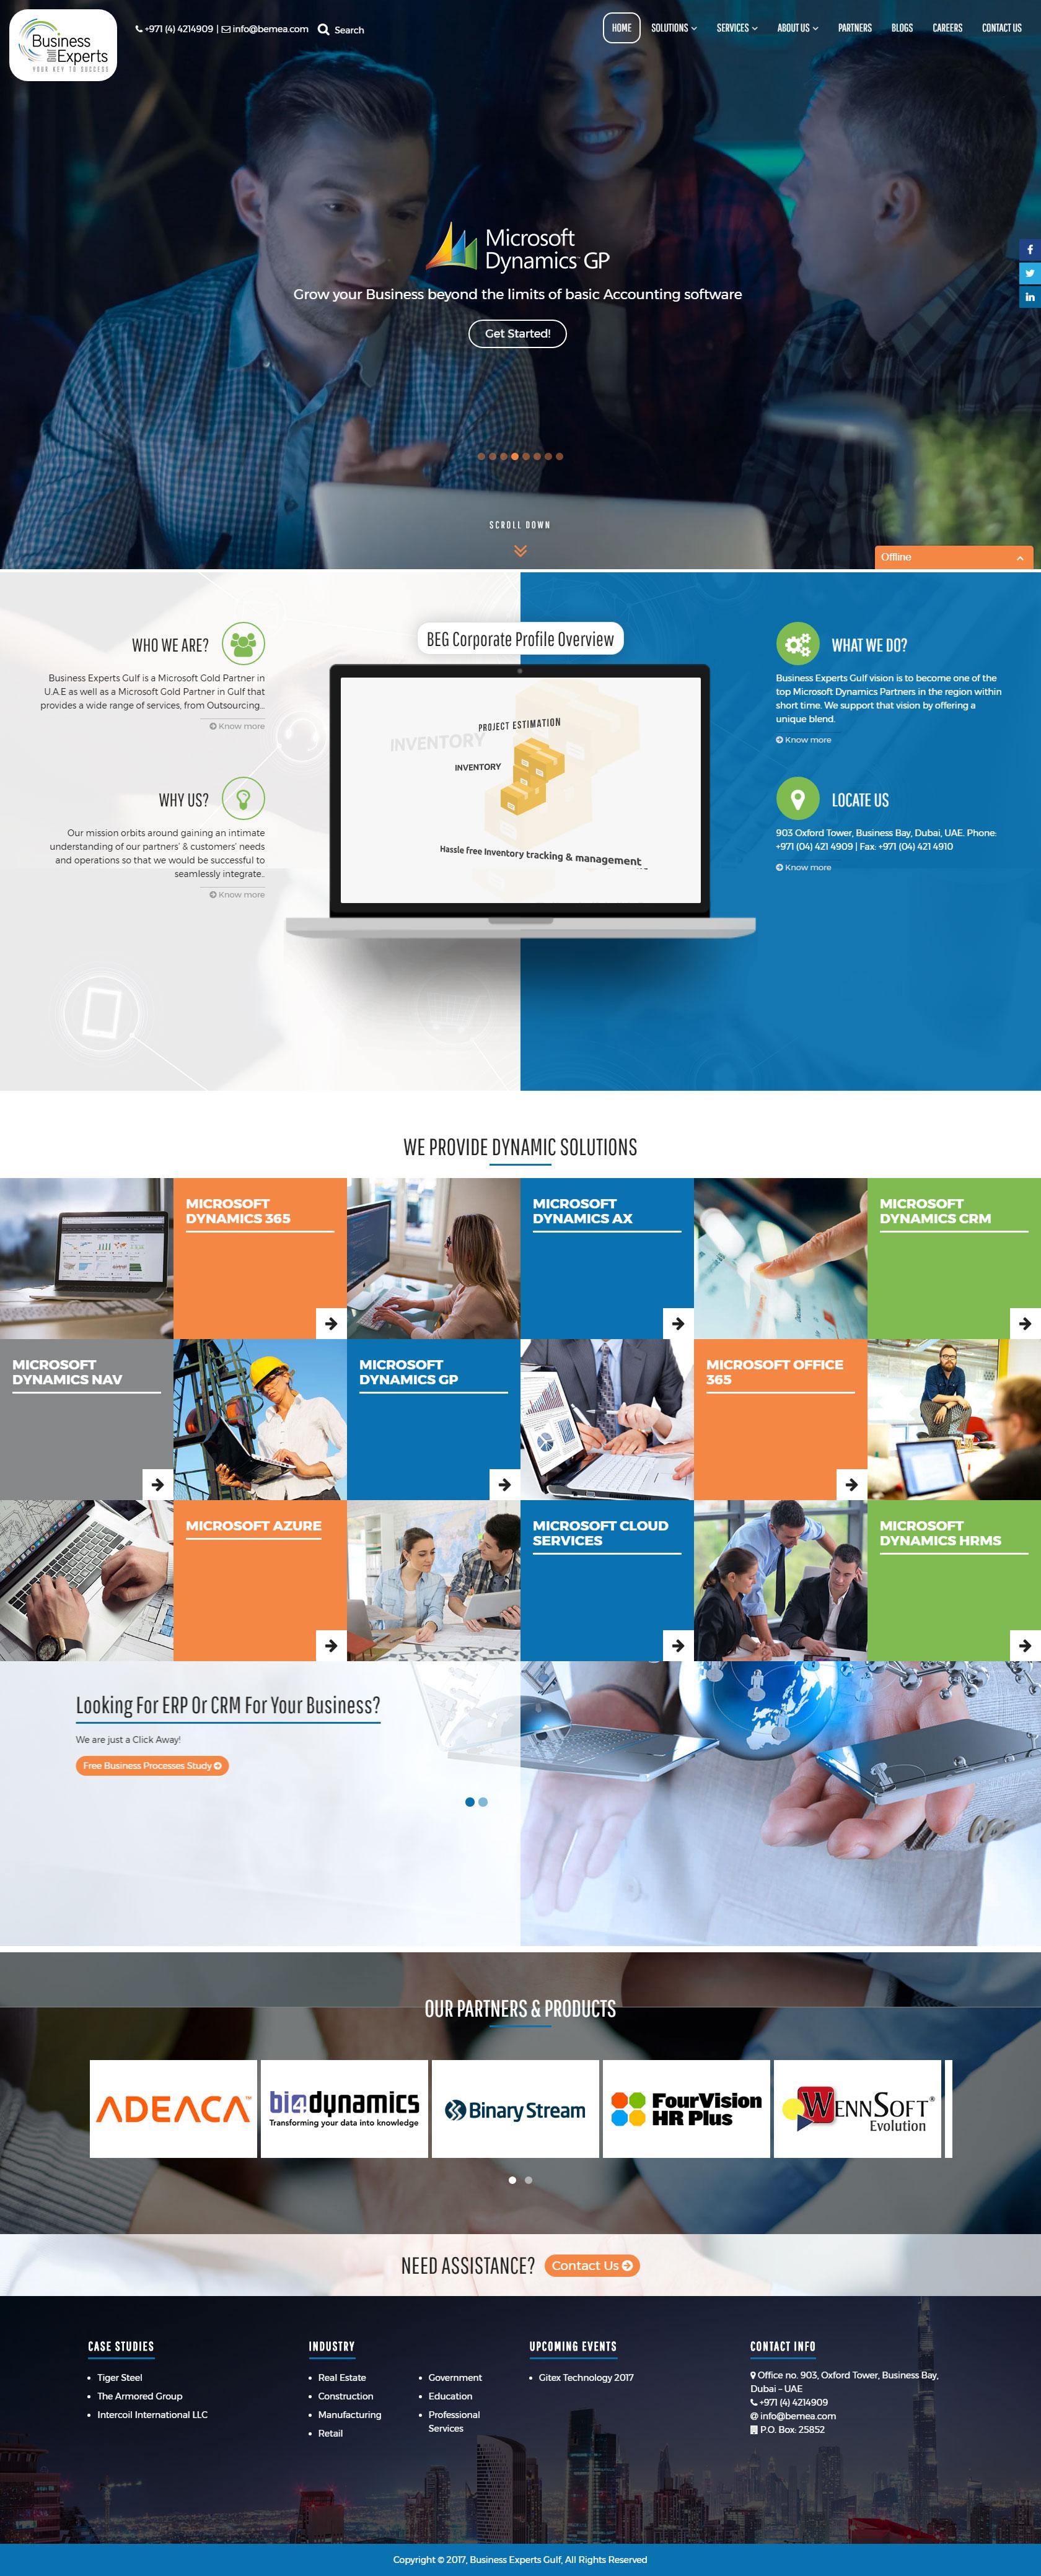 Business Expert Gulf Web Design & Development (Wordpress)